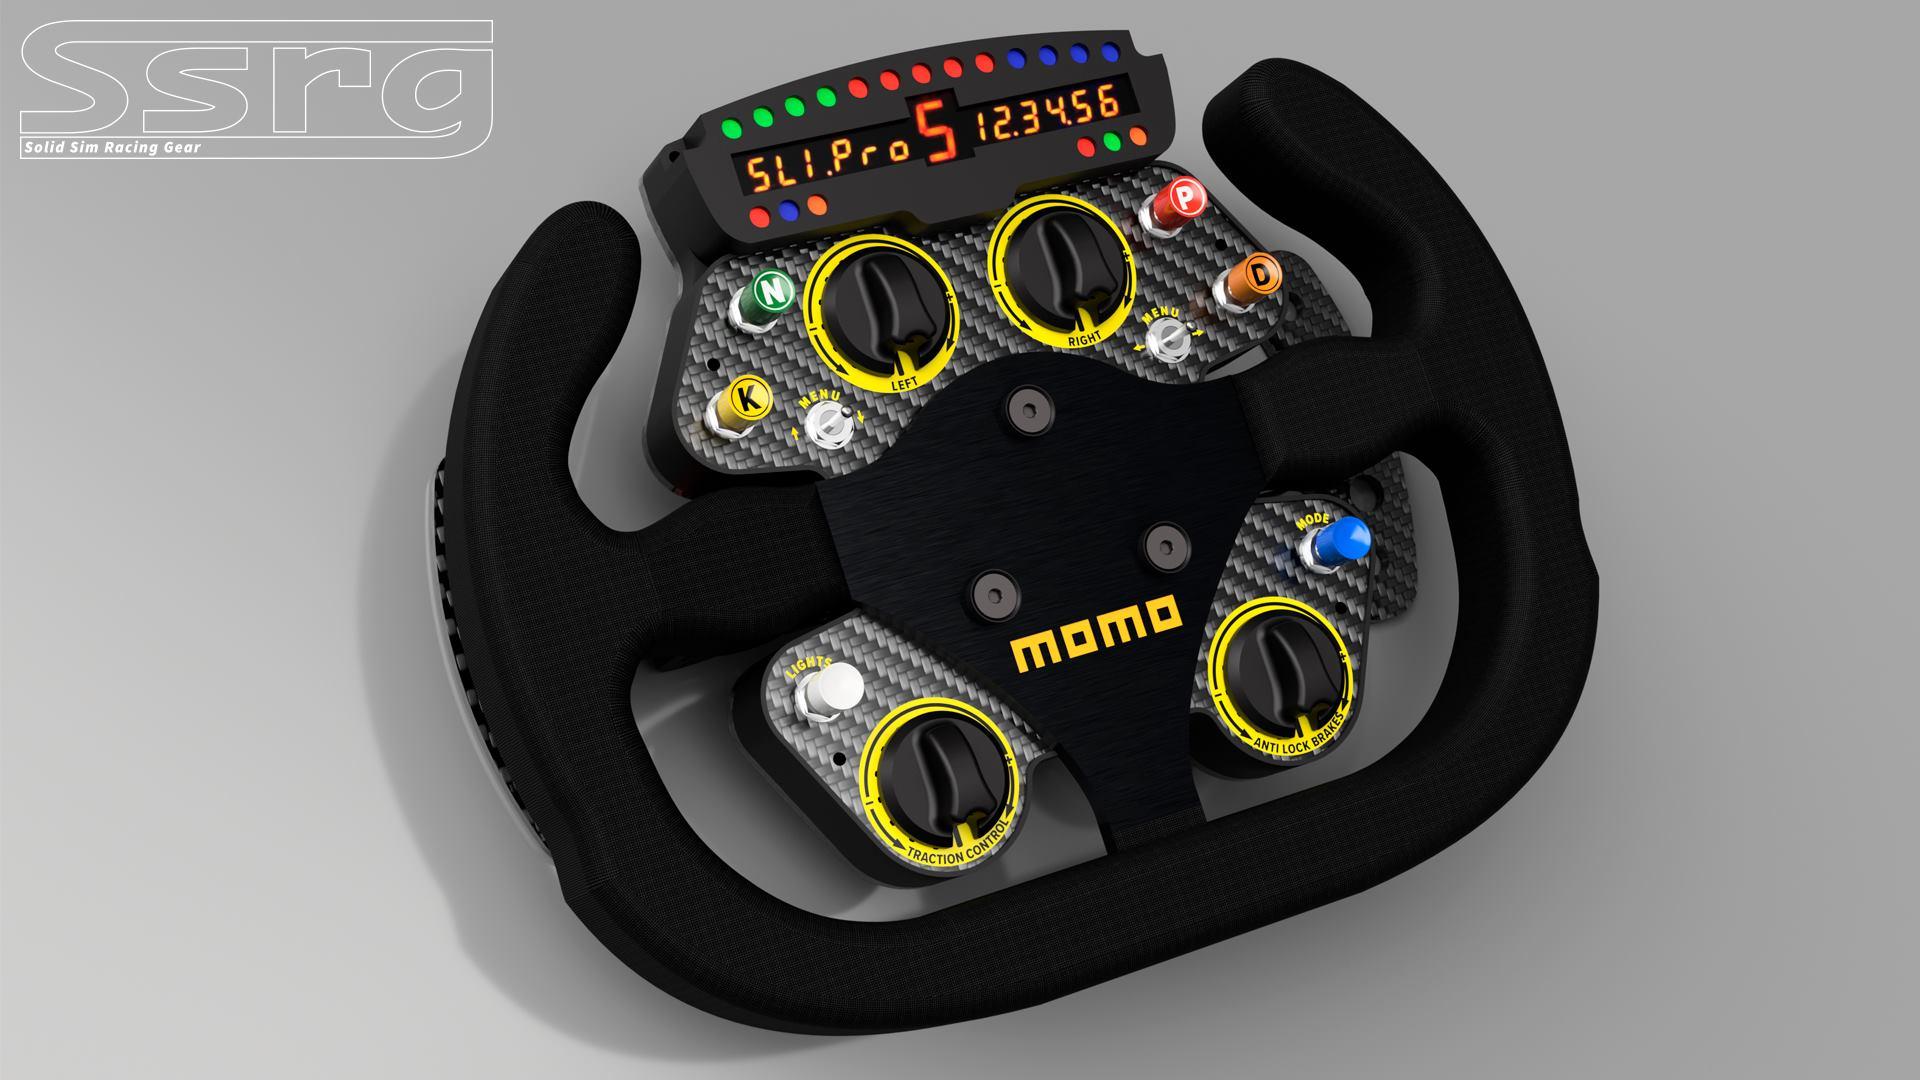 d couverte de la marque ssrg objectif racing le hub des simracers sur pc ps4 et xbox one. Black Bedroom Furniture Sets. Home Design Ideas